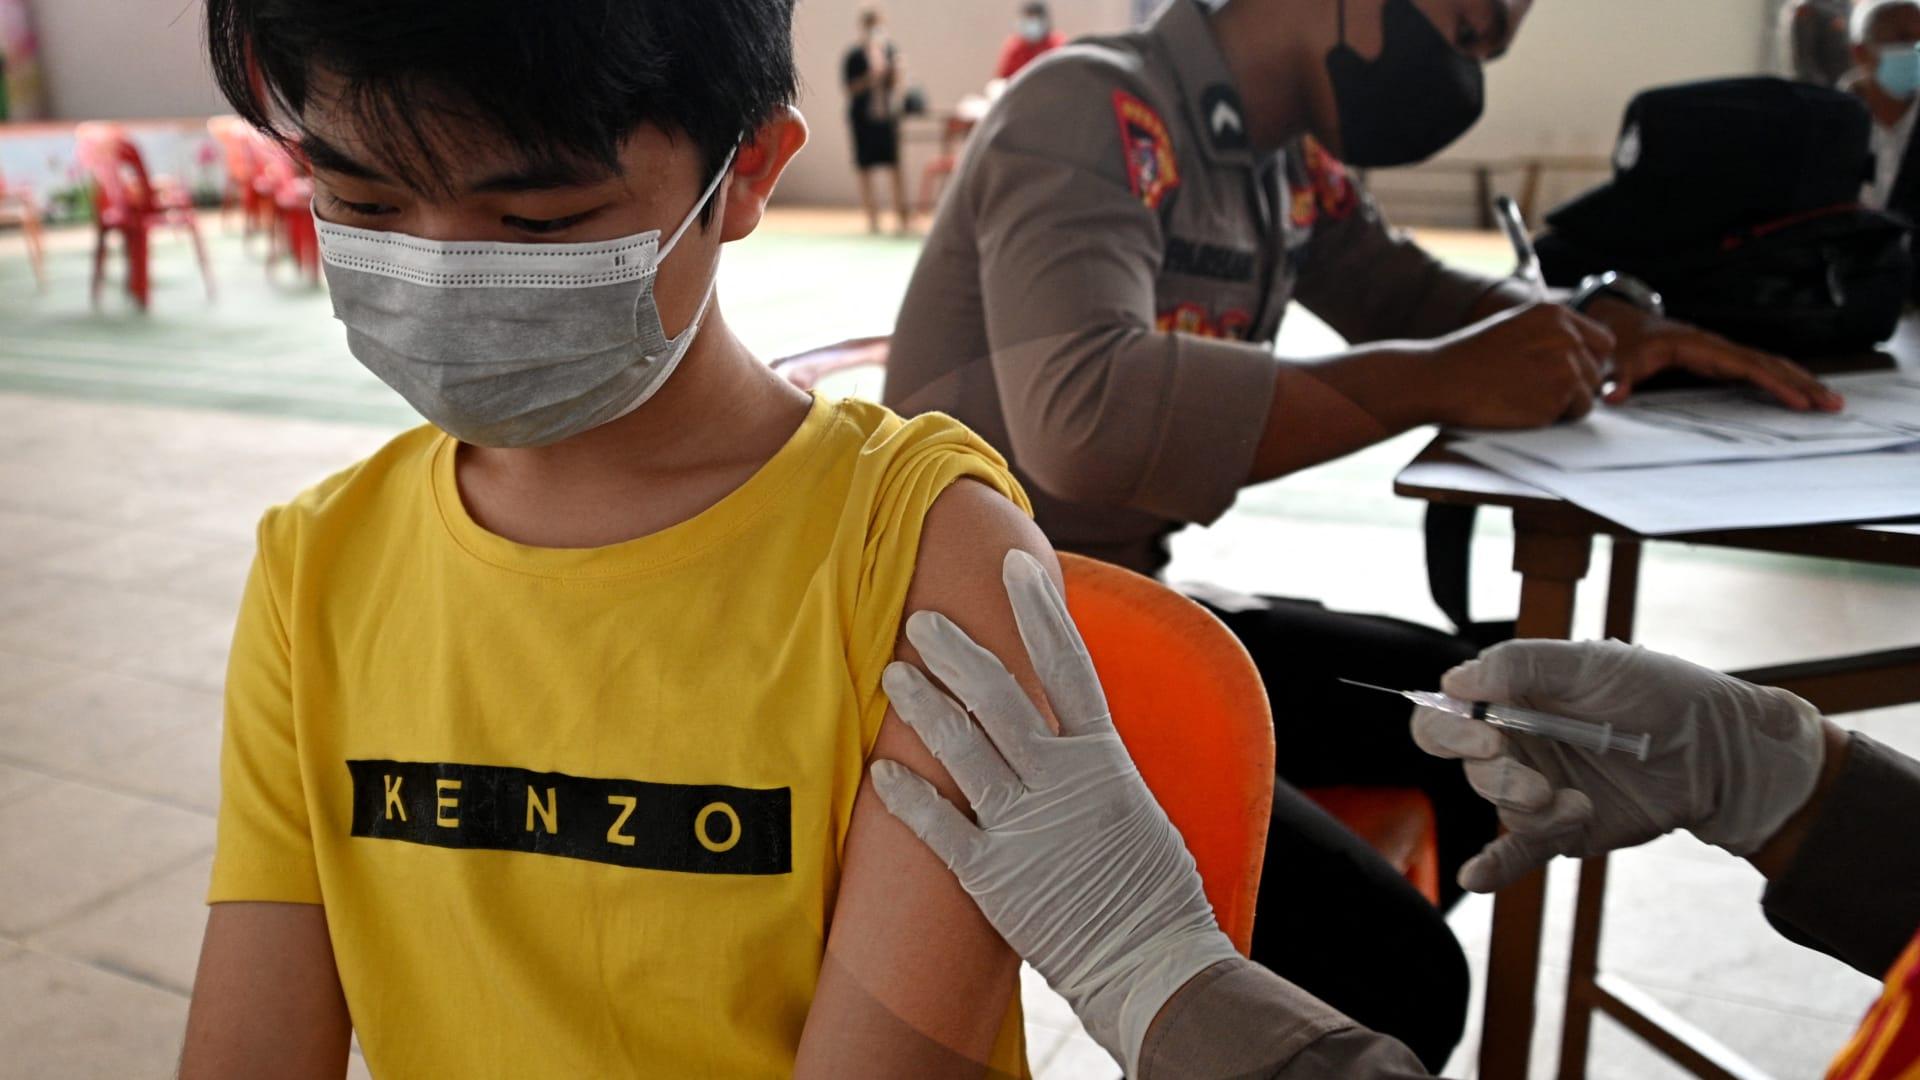 4 خطوات ضرورية قبل تطعيم الأطفال بلقاح فيروس كورونا.. ما هي؟